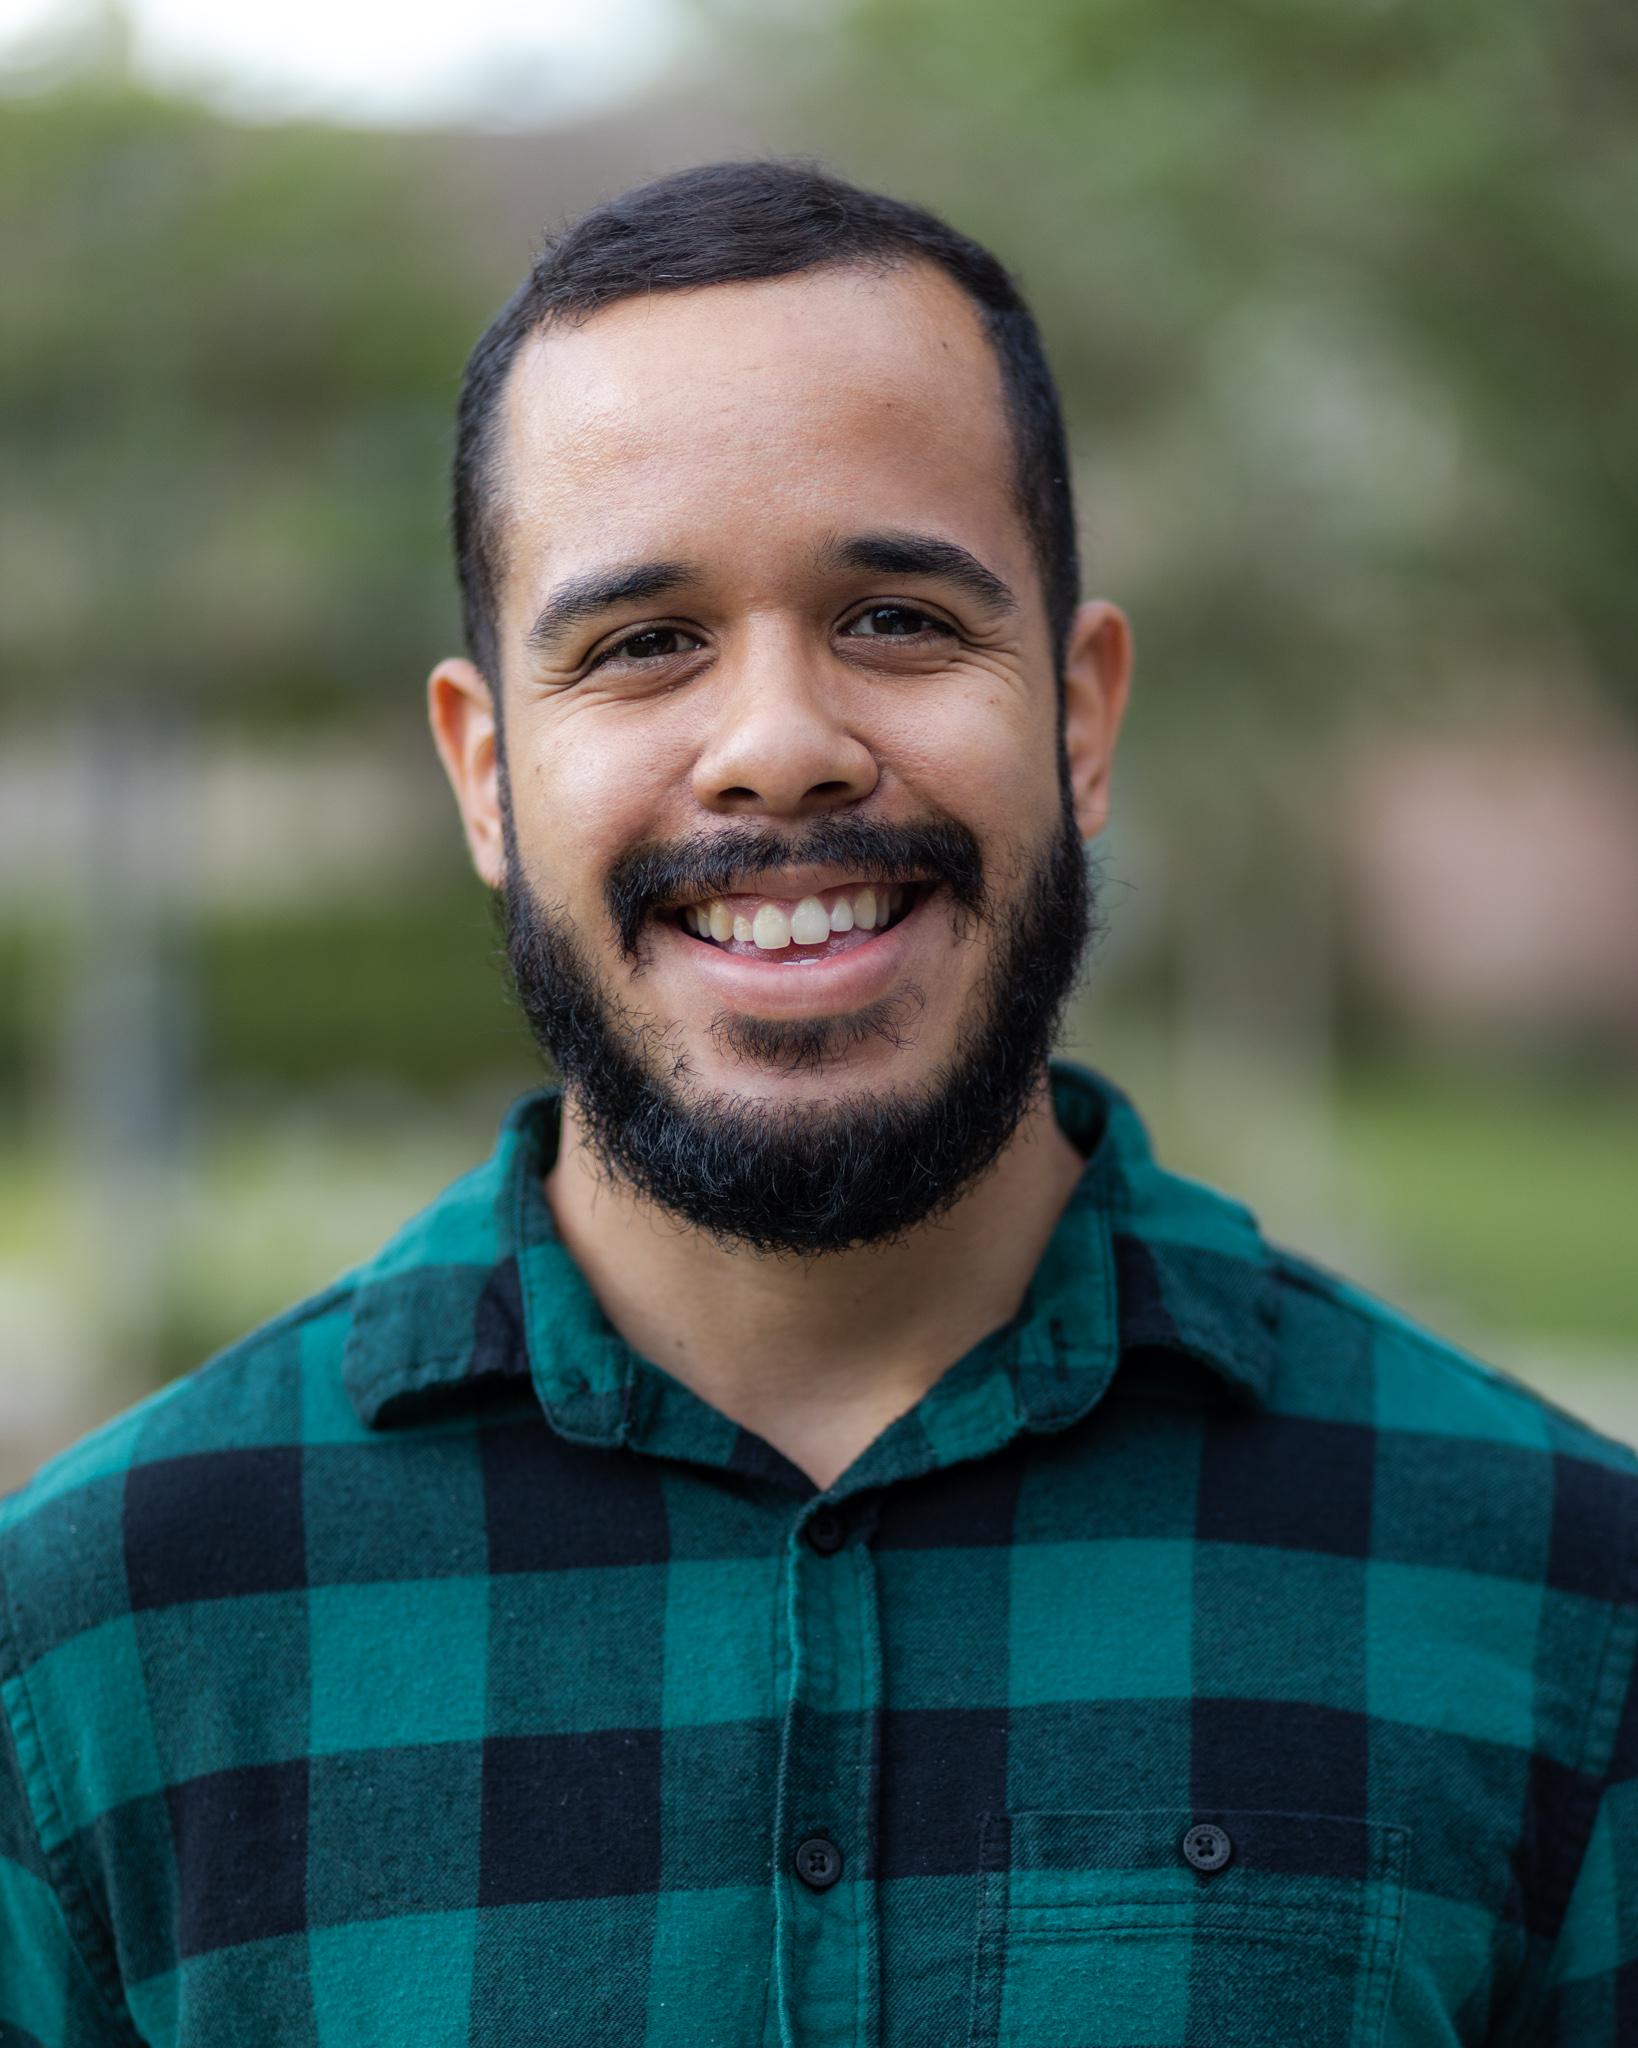 Alex Lambis - Director of Evangelization